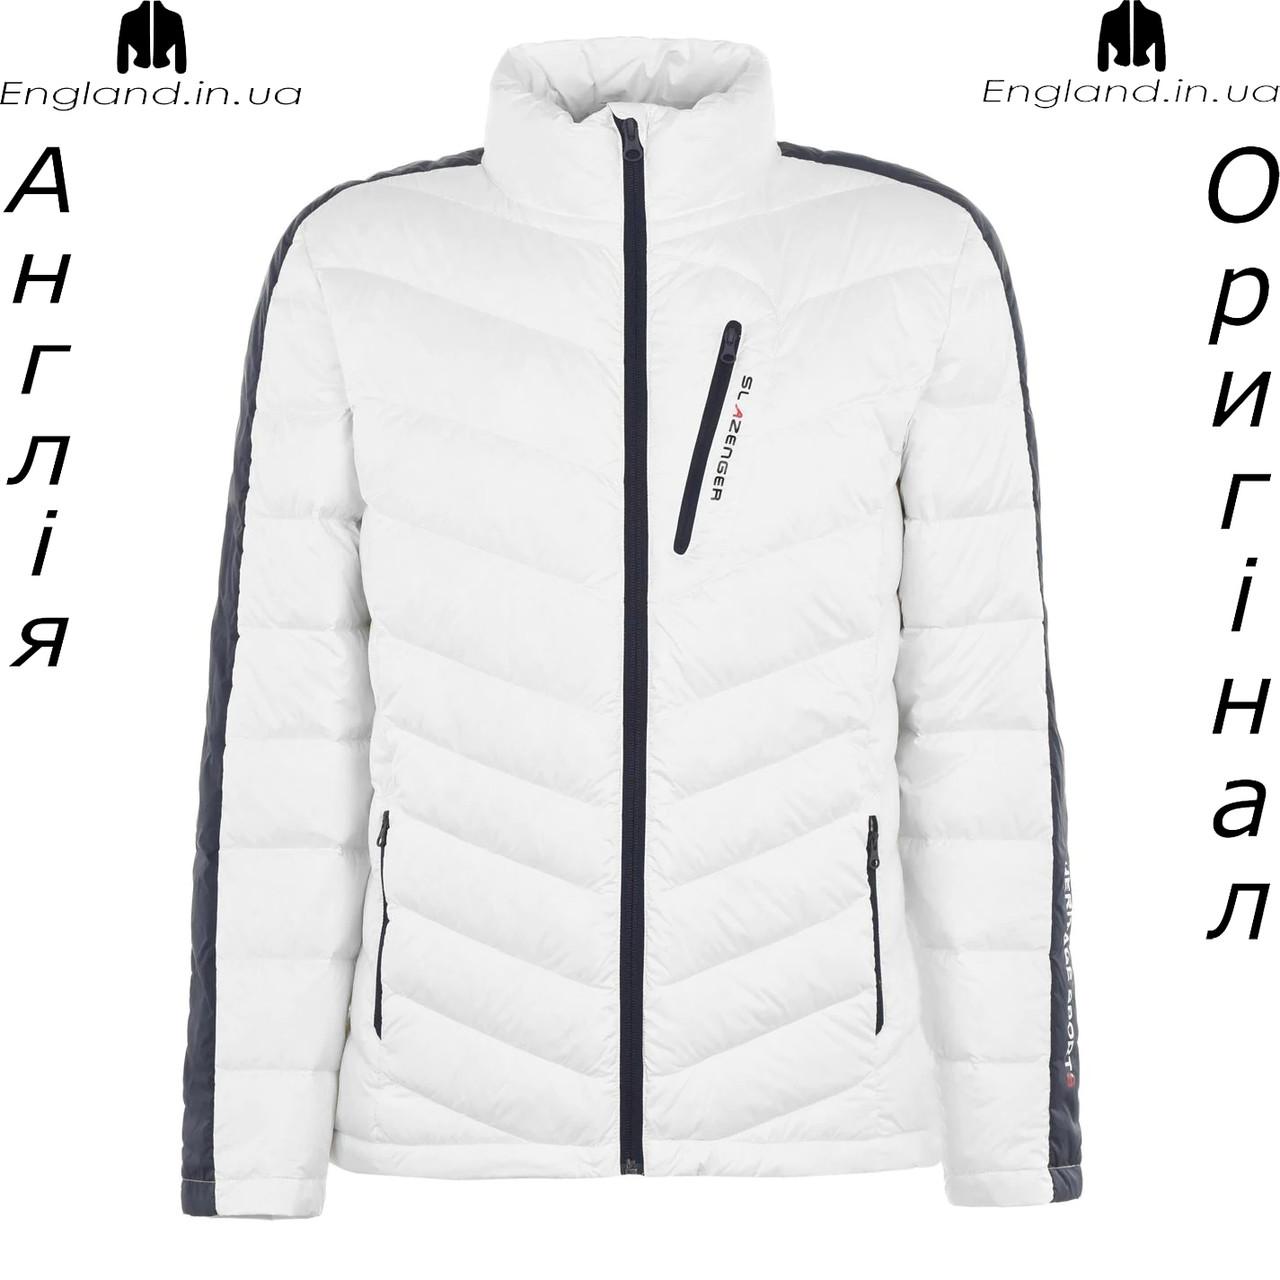 Куртка мужская Slazenger из Англии - осень/весна